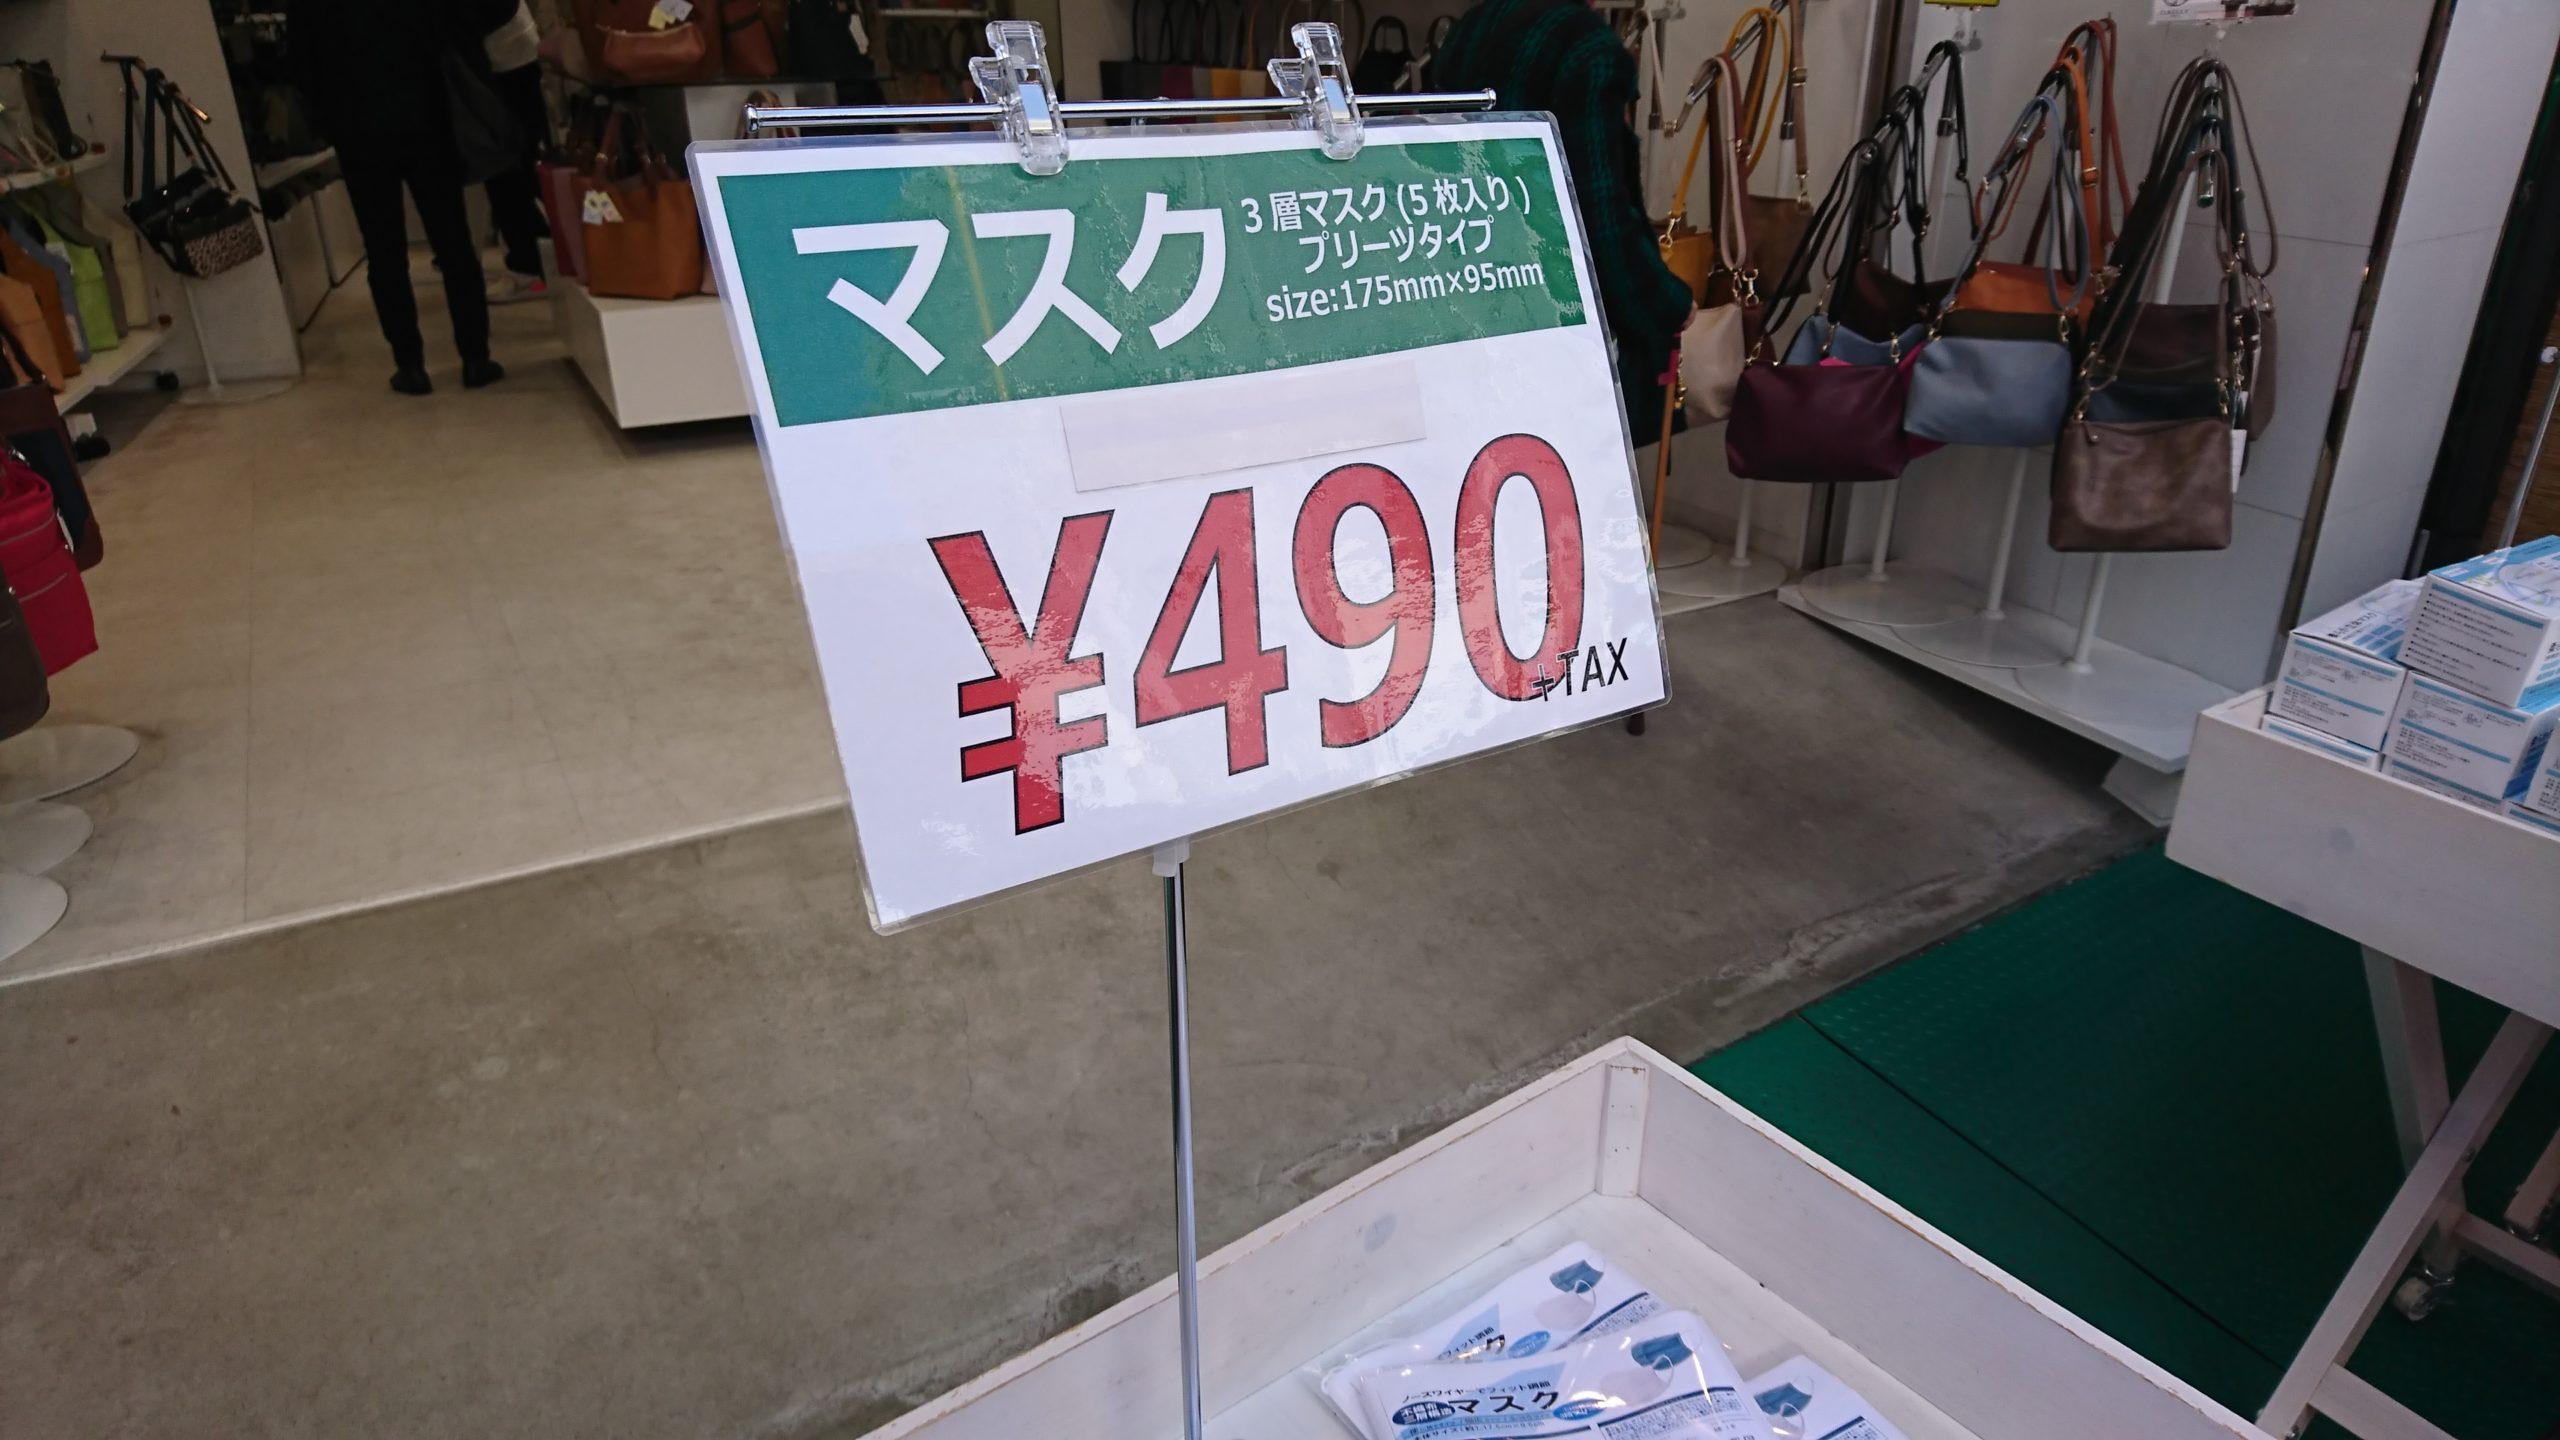 マスク在庫ありの店舗を東京都内で探してみた結果とつけるべき場所も